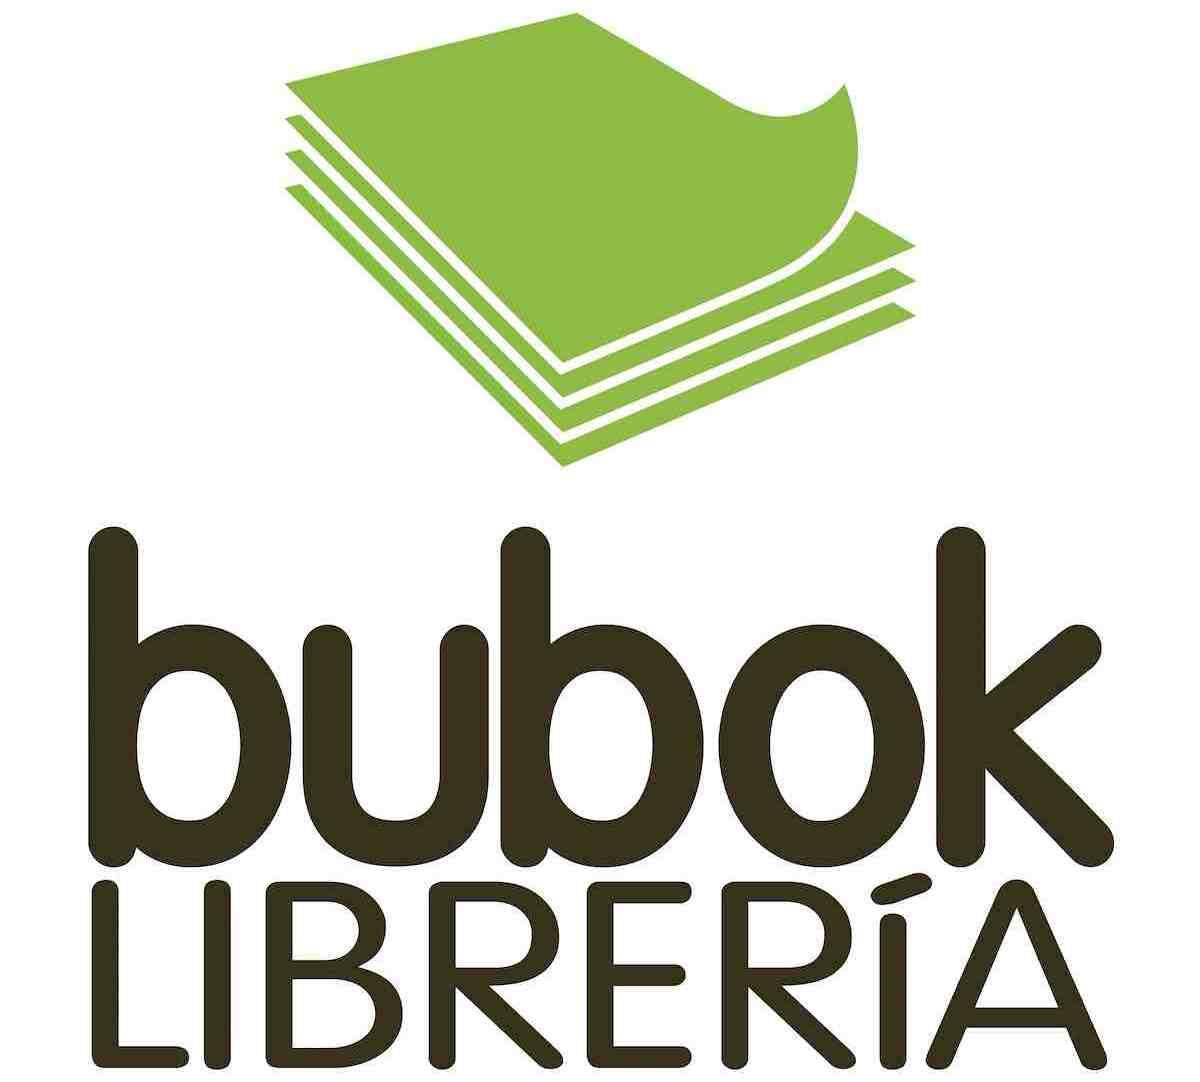 Bubok abrirá tienda física en Madrid para escritores noveles